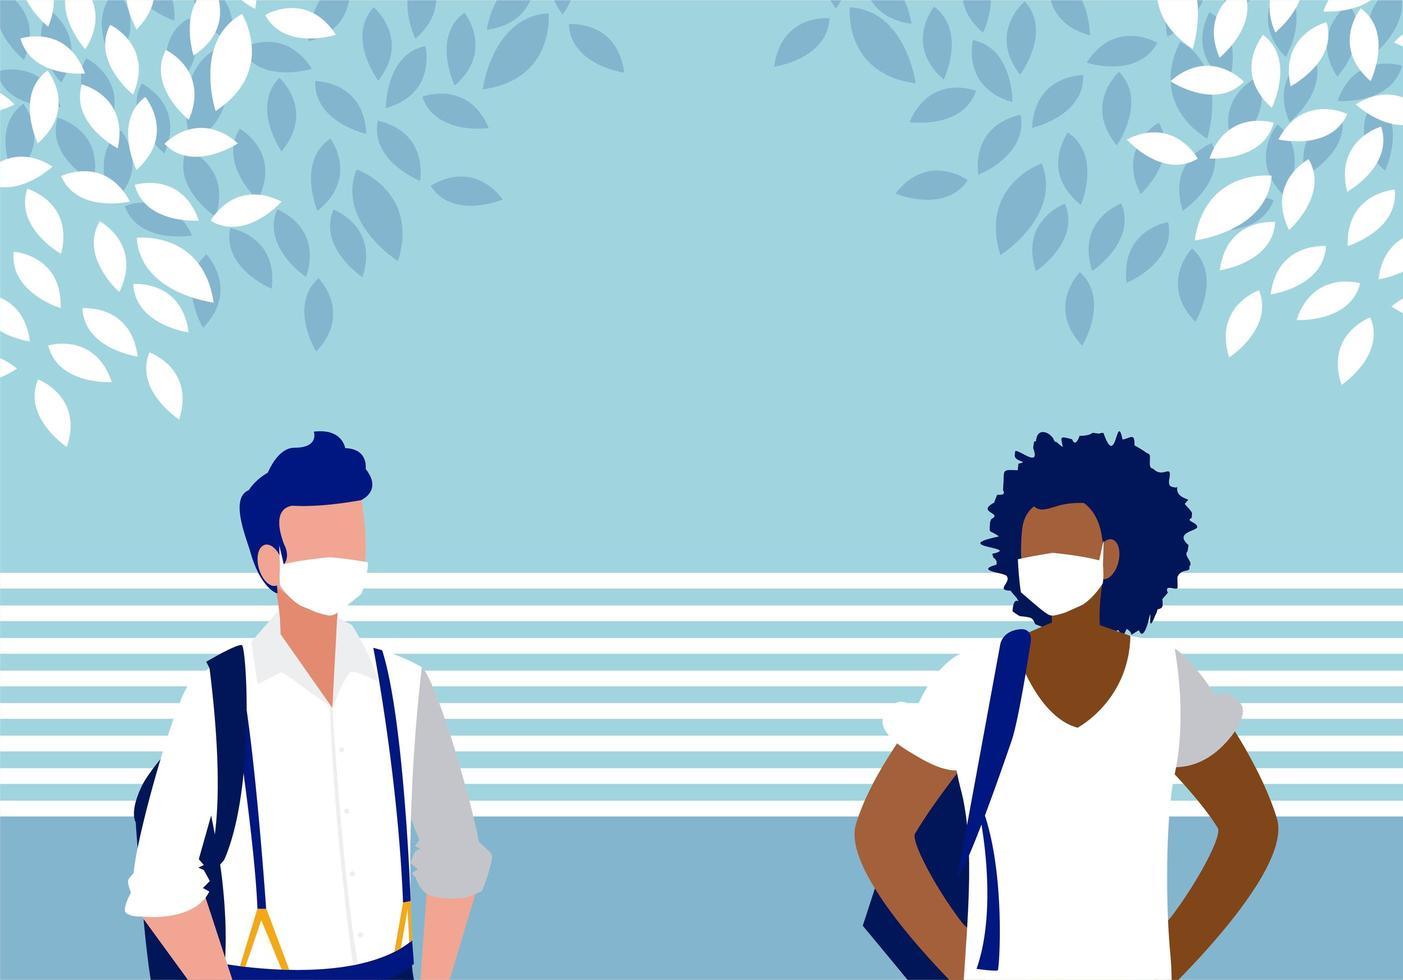 uomini con maschere al di fuori del disegno vettoriale